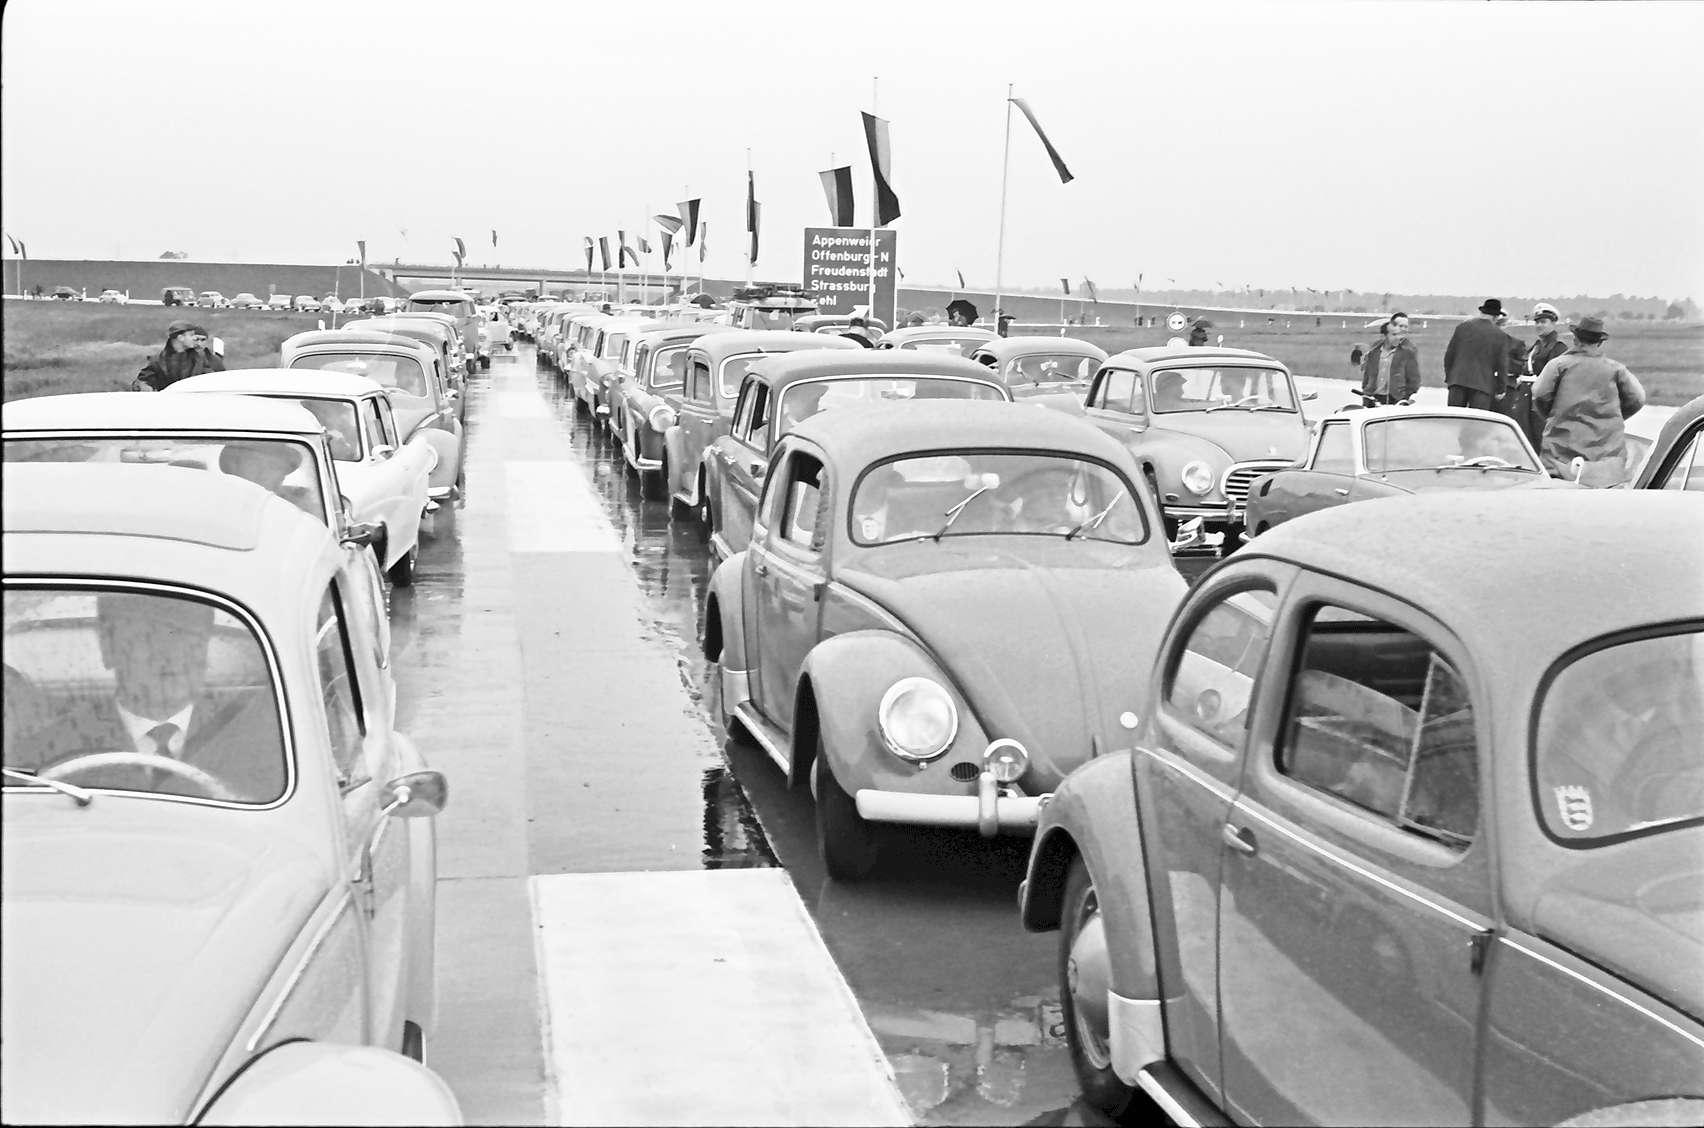 Appenweier: Autokolonne am Festplatz, Bild 1